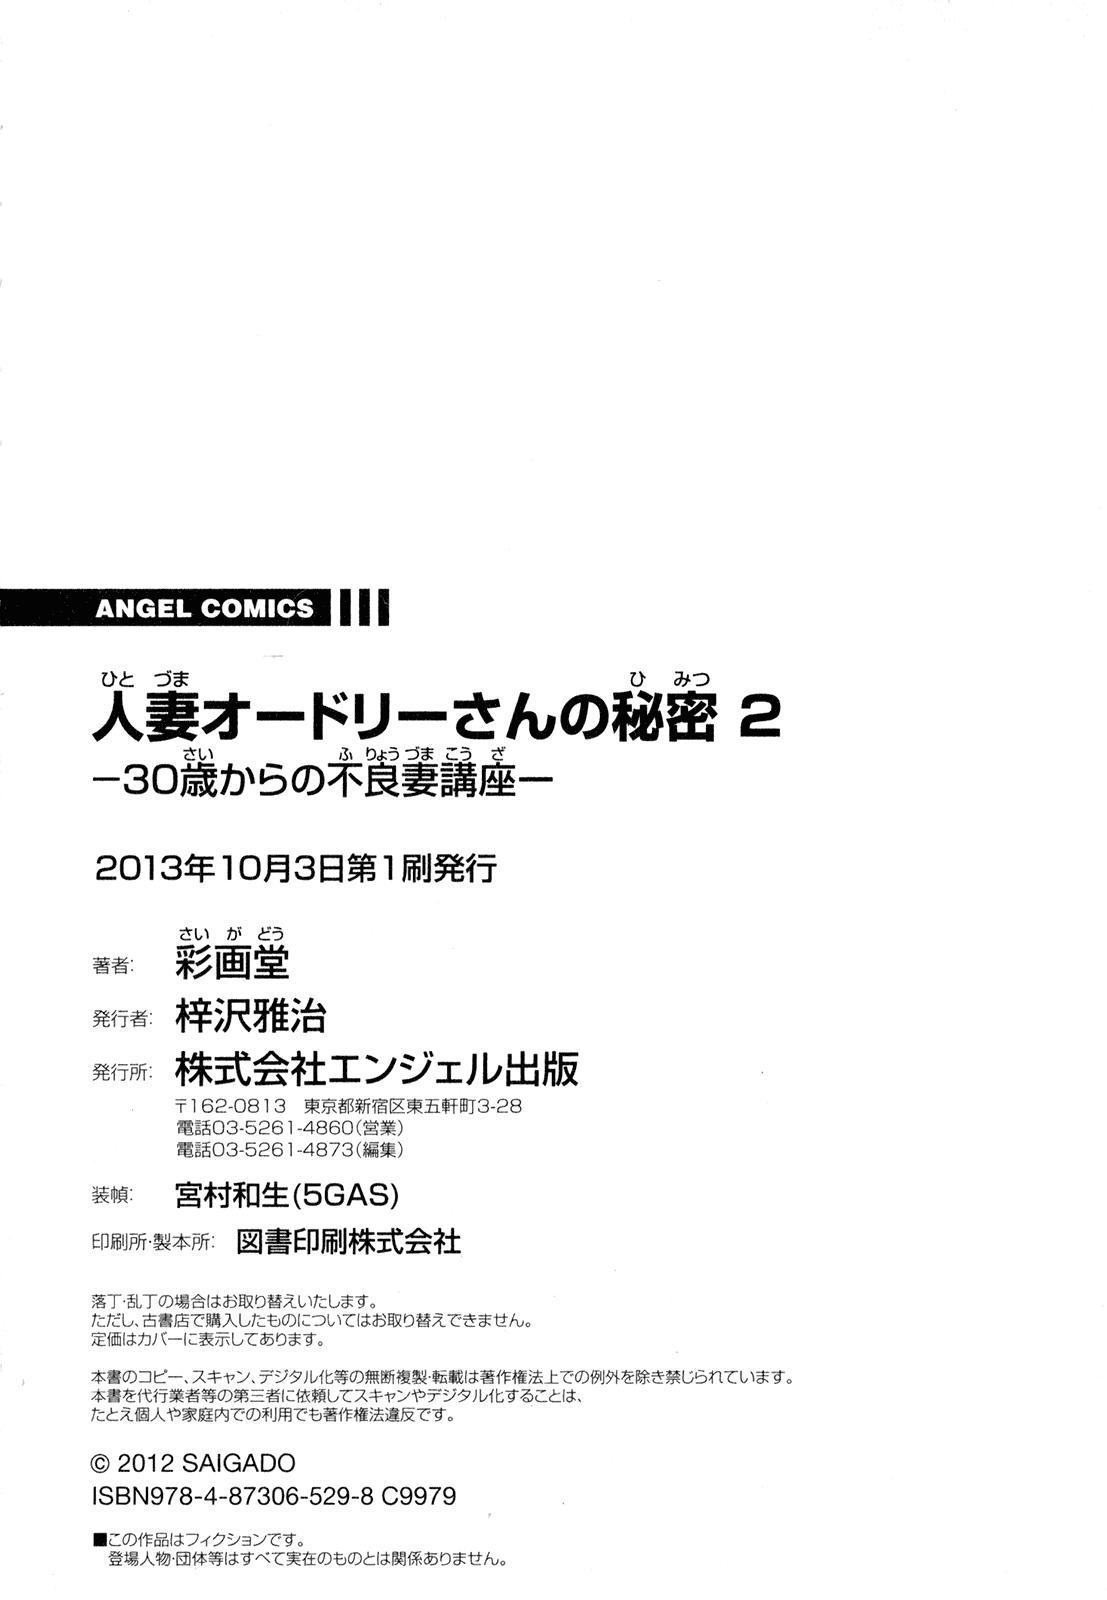 [Saigado] Hitozuma Audrey-san no Himitsu ~30-sai kara no Furyou Tsuma Kouza~ - Vol. 2 [English] {Hennojin} 175